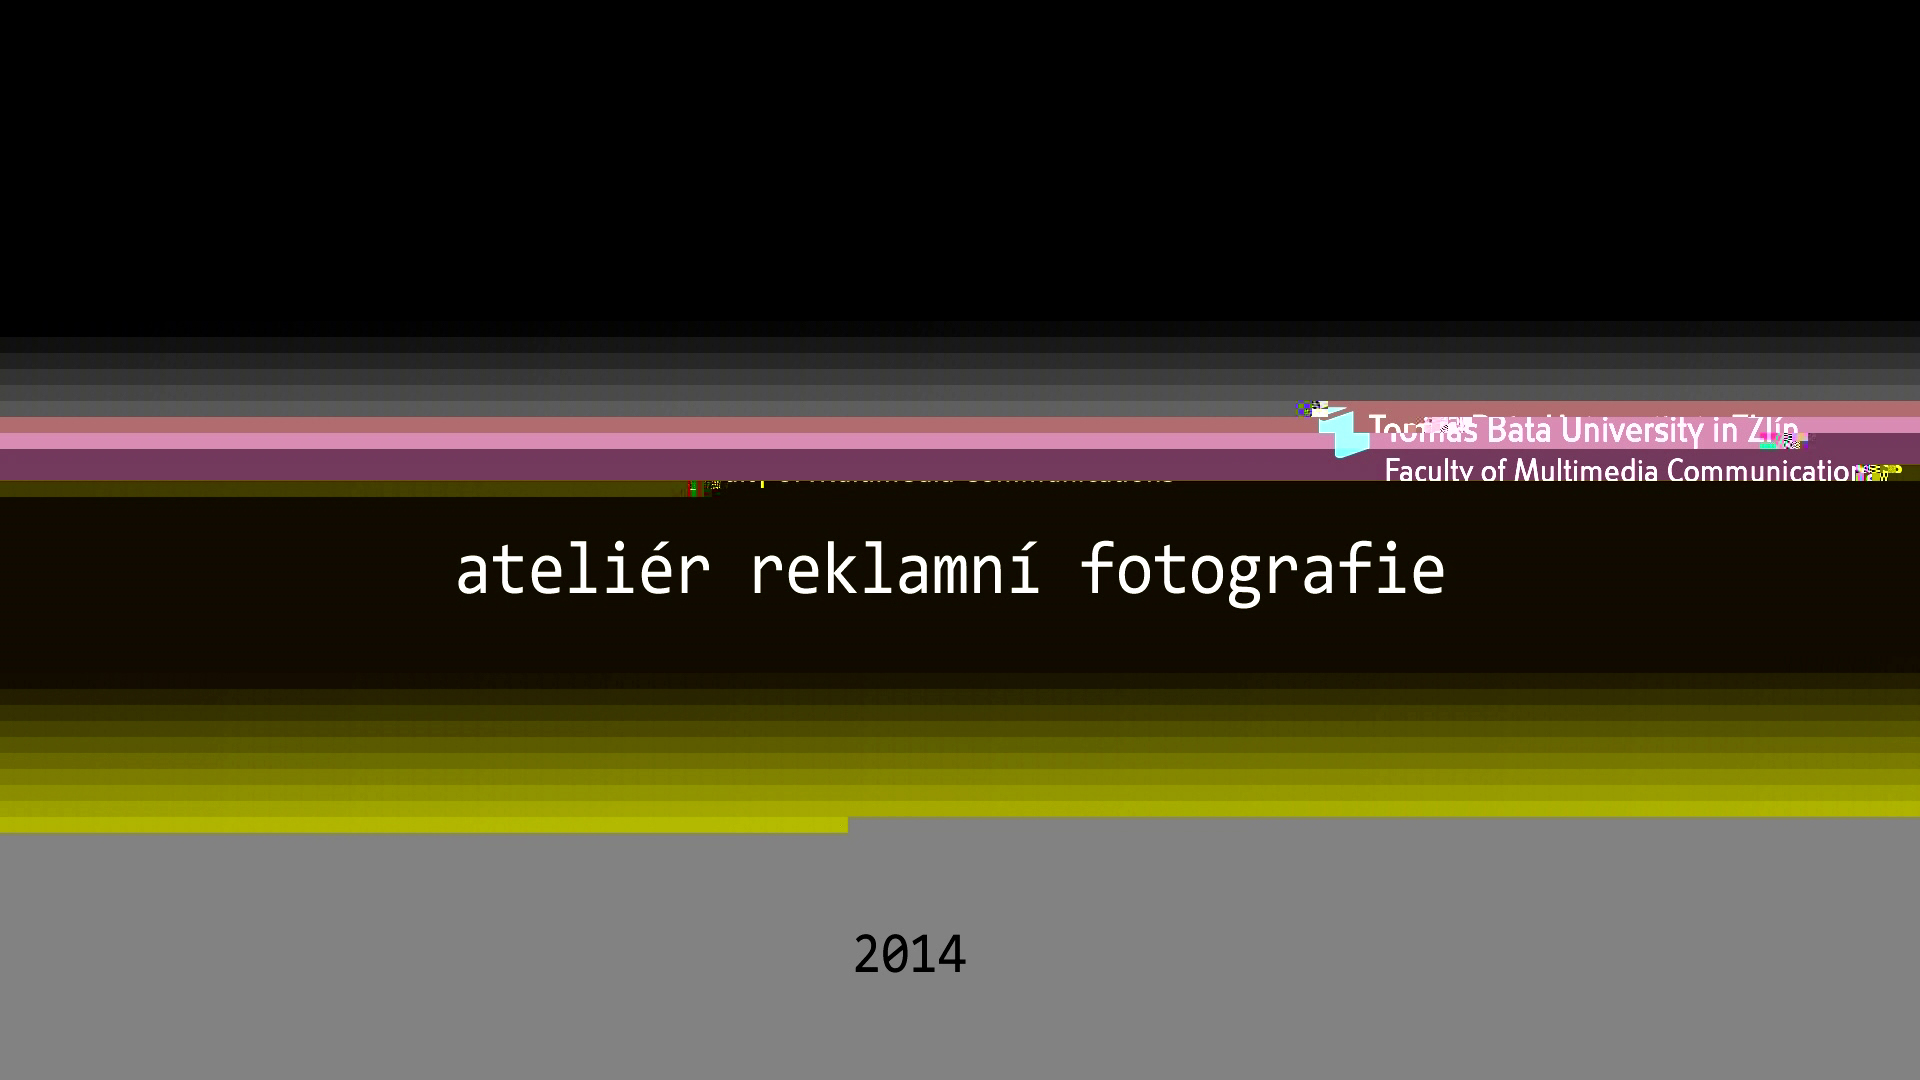 vlcsnap-2014-11-13-23h54m09s34